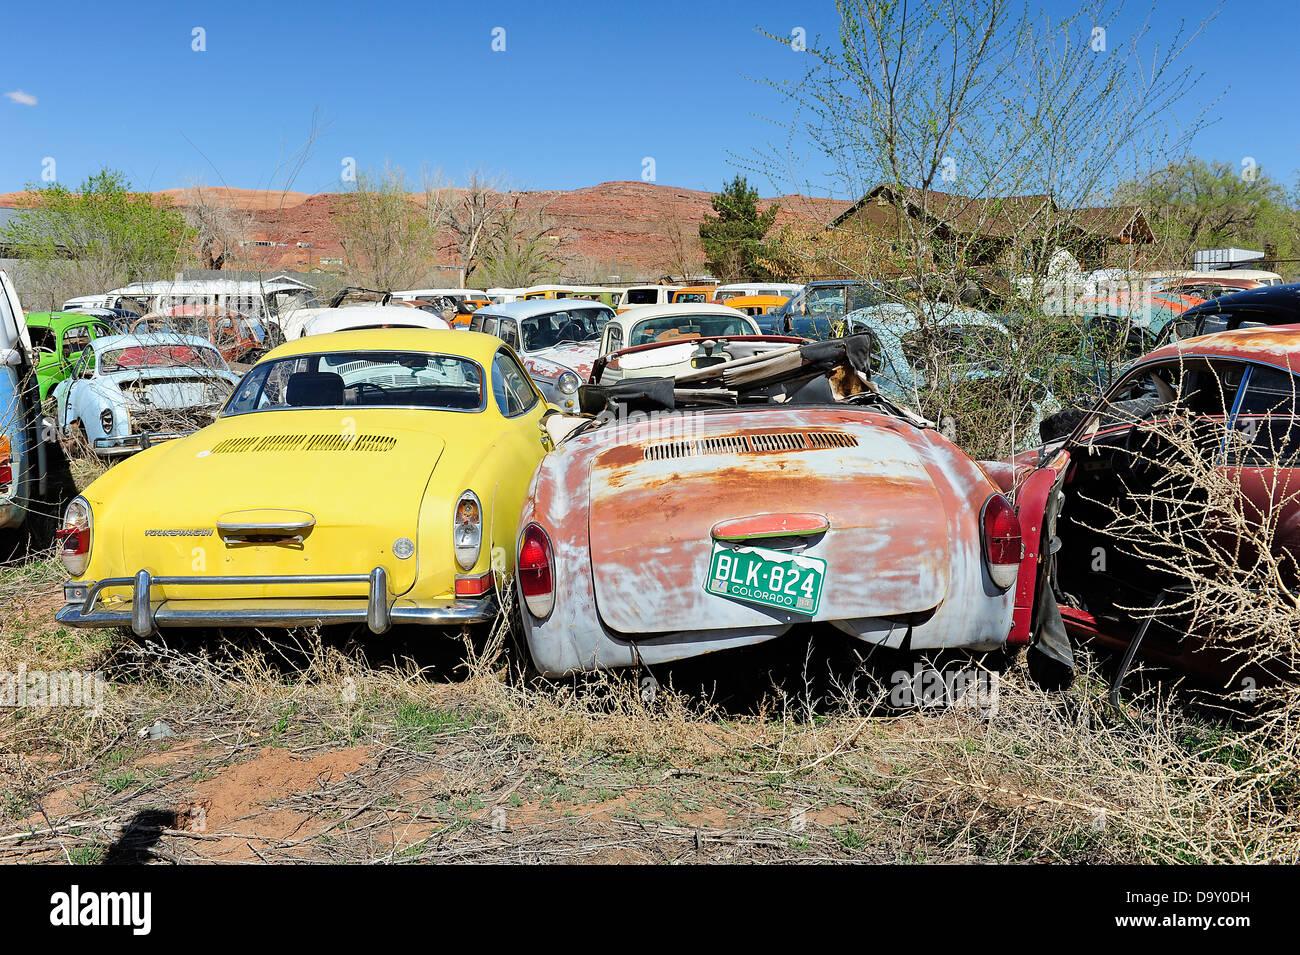 Scrap yard full of Volkswagen cars and vans. Near Moab, Utah, USA ...